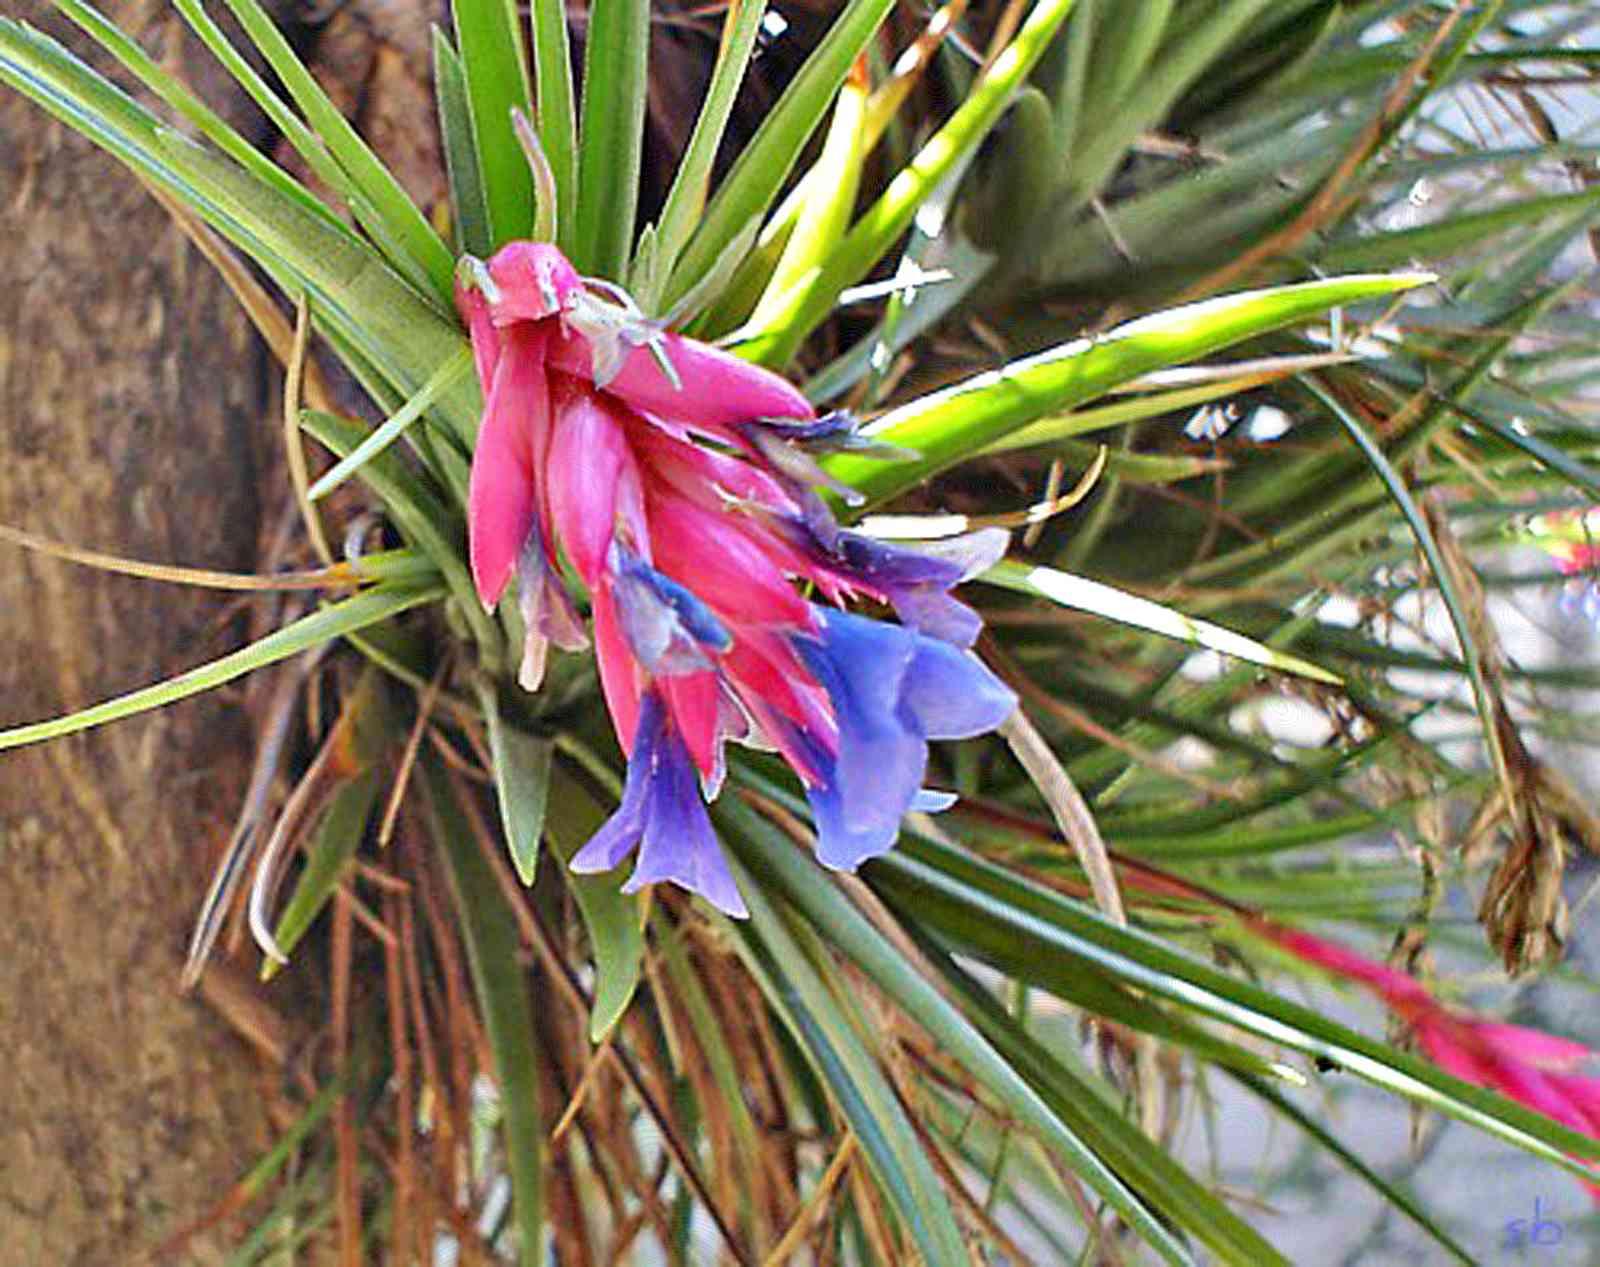 Planta de aire - Tillandsia recurvata